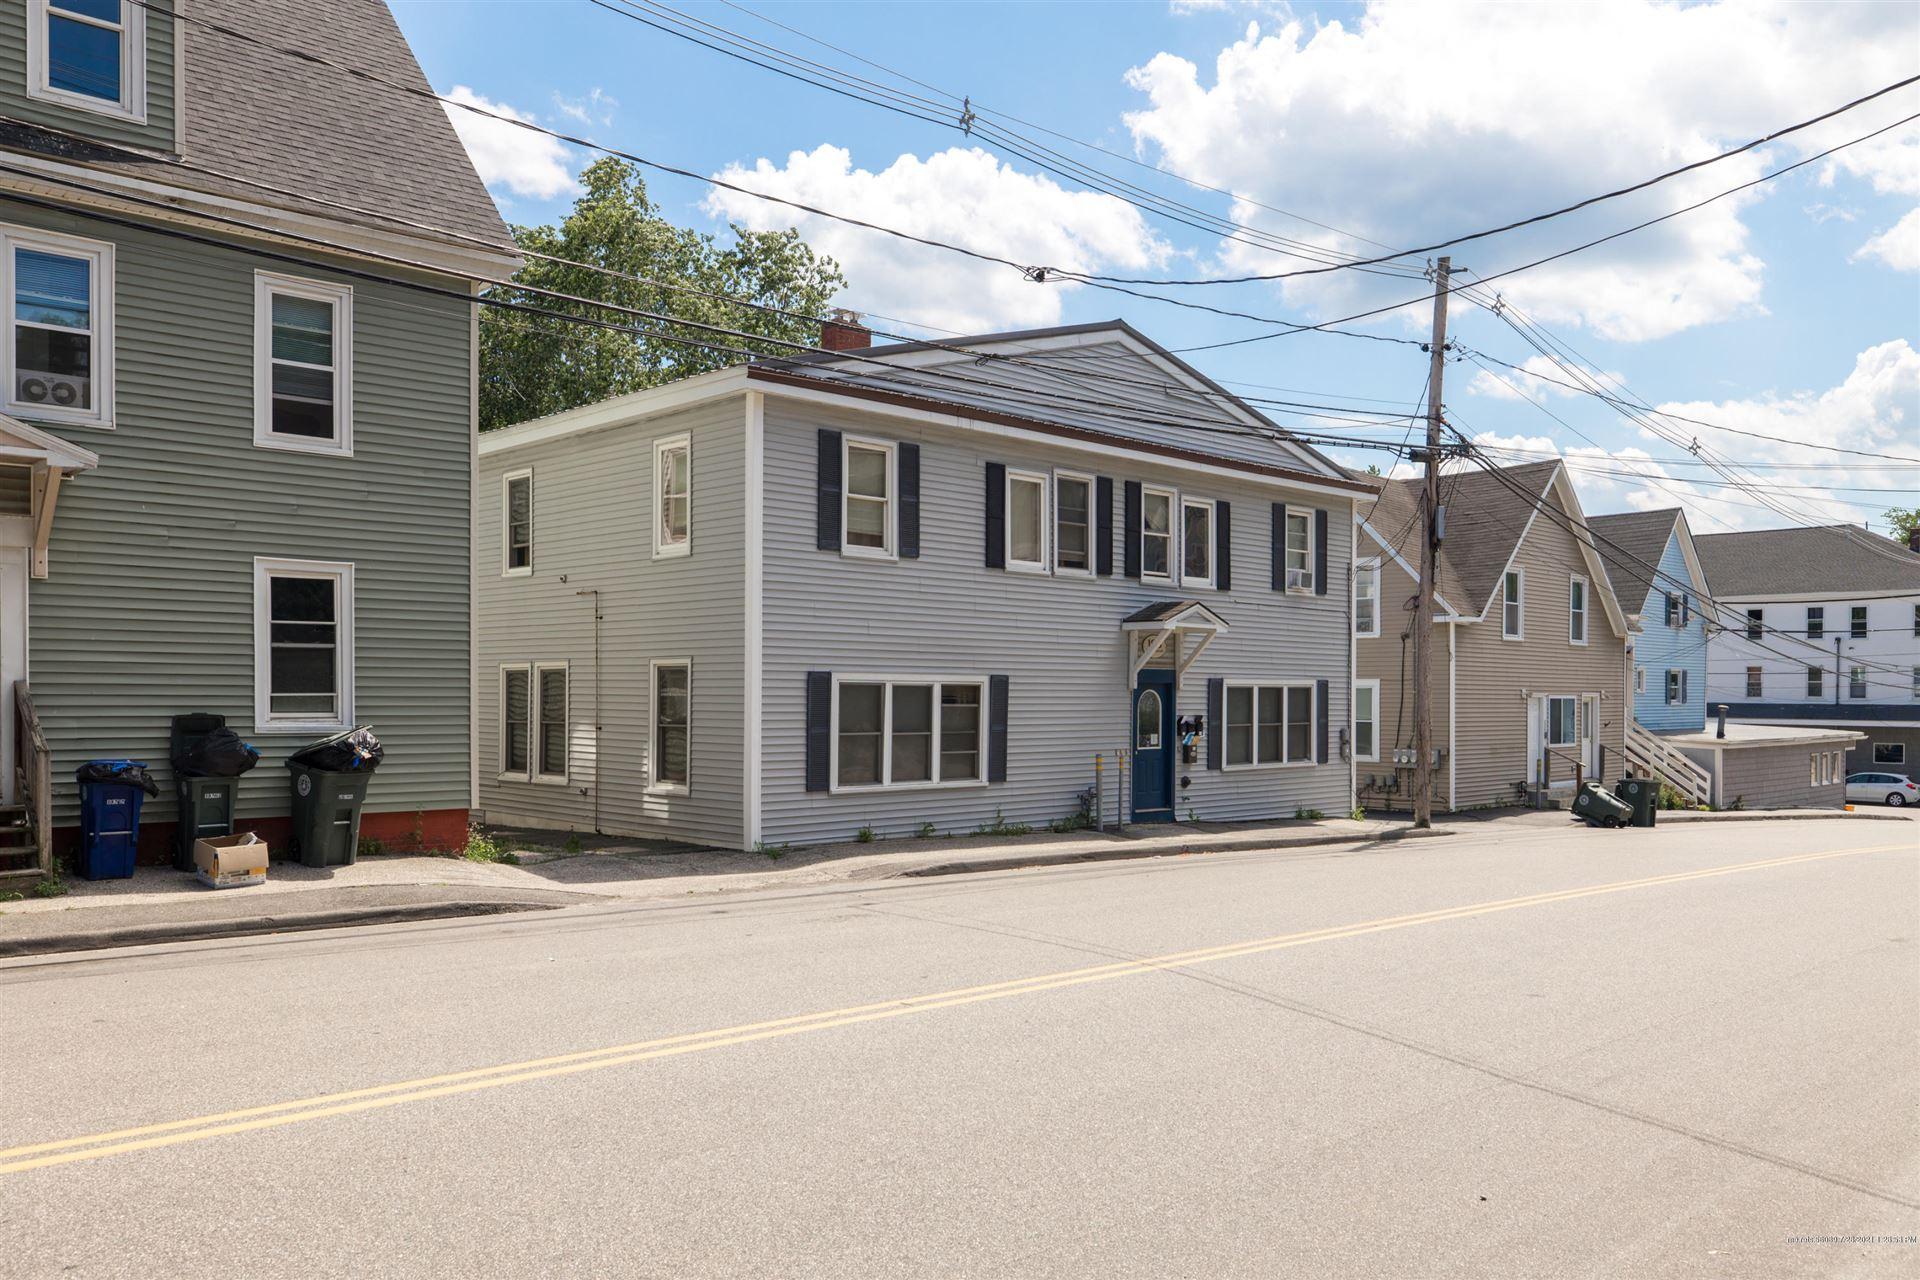 Photo for 198 Brown Street #4, Westbrook, ME 04092 (MLS # 1502107)